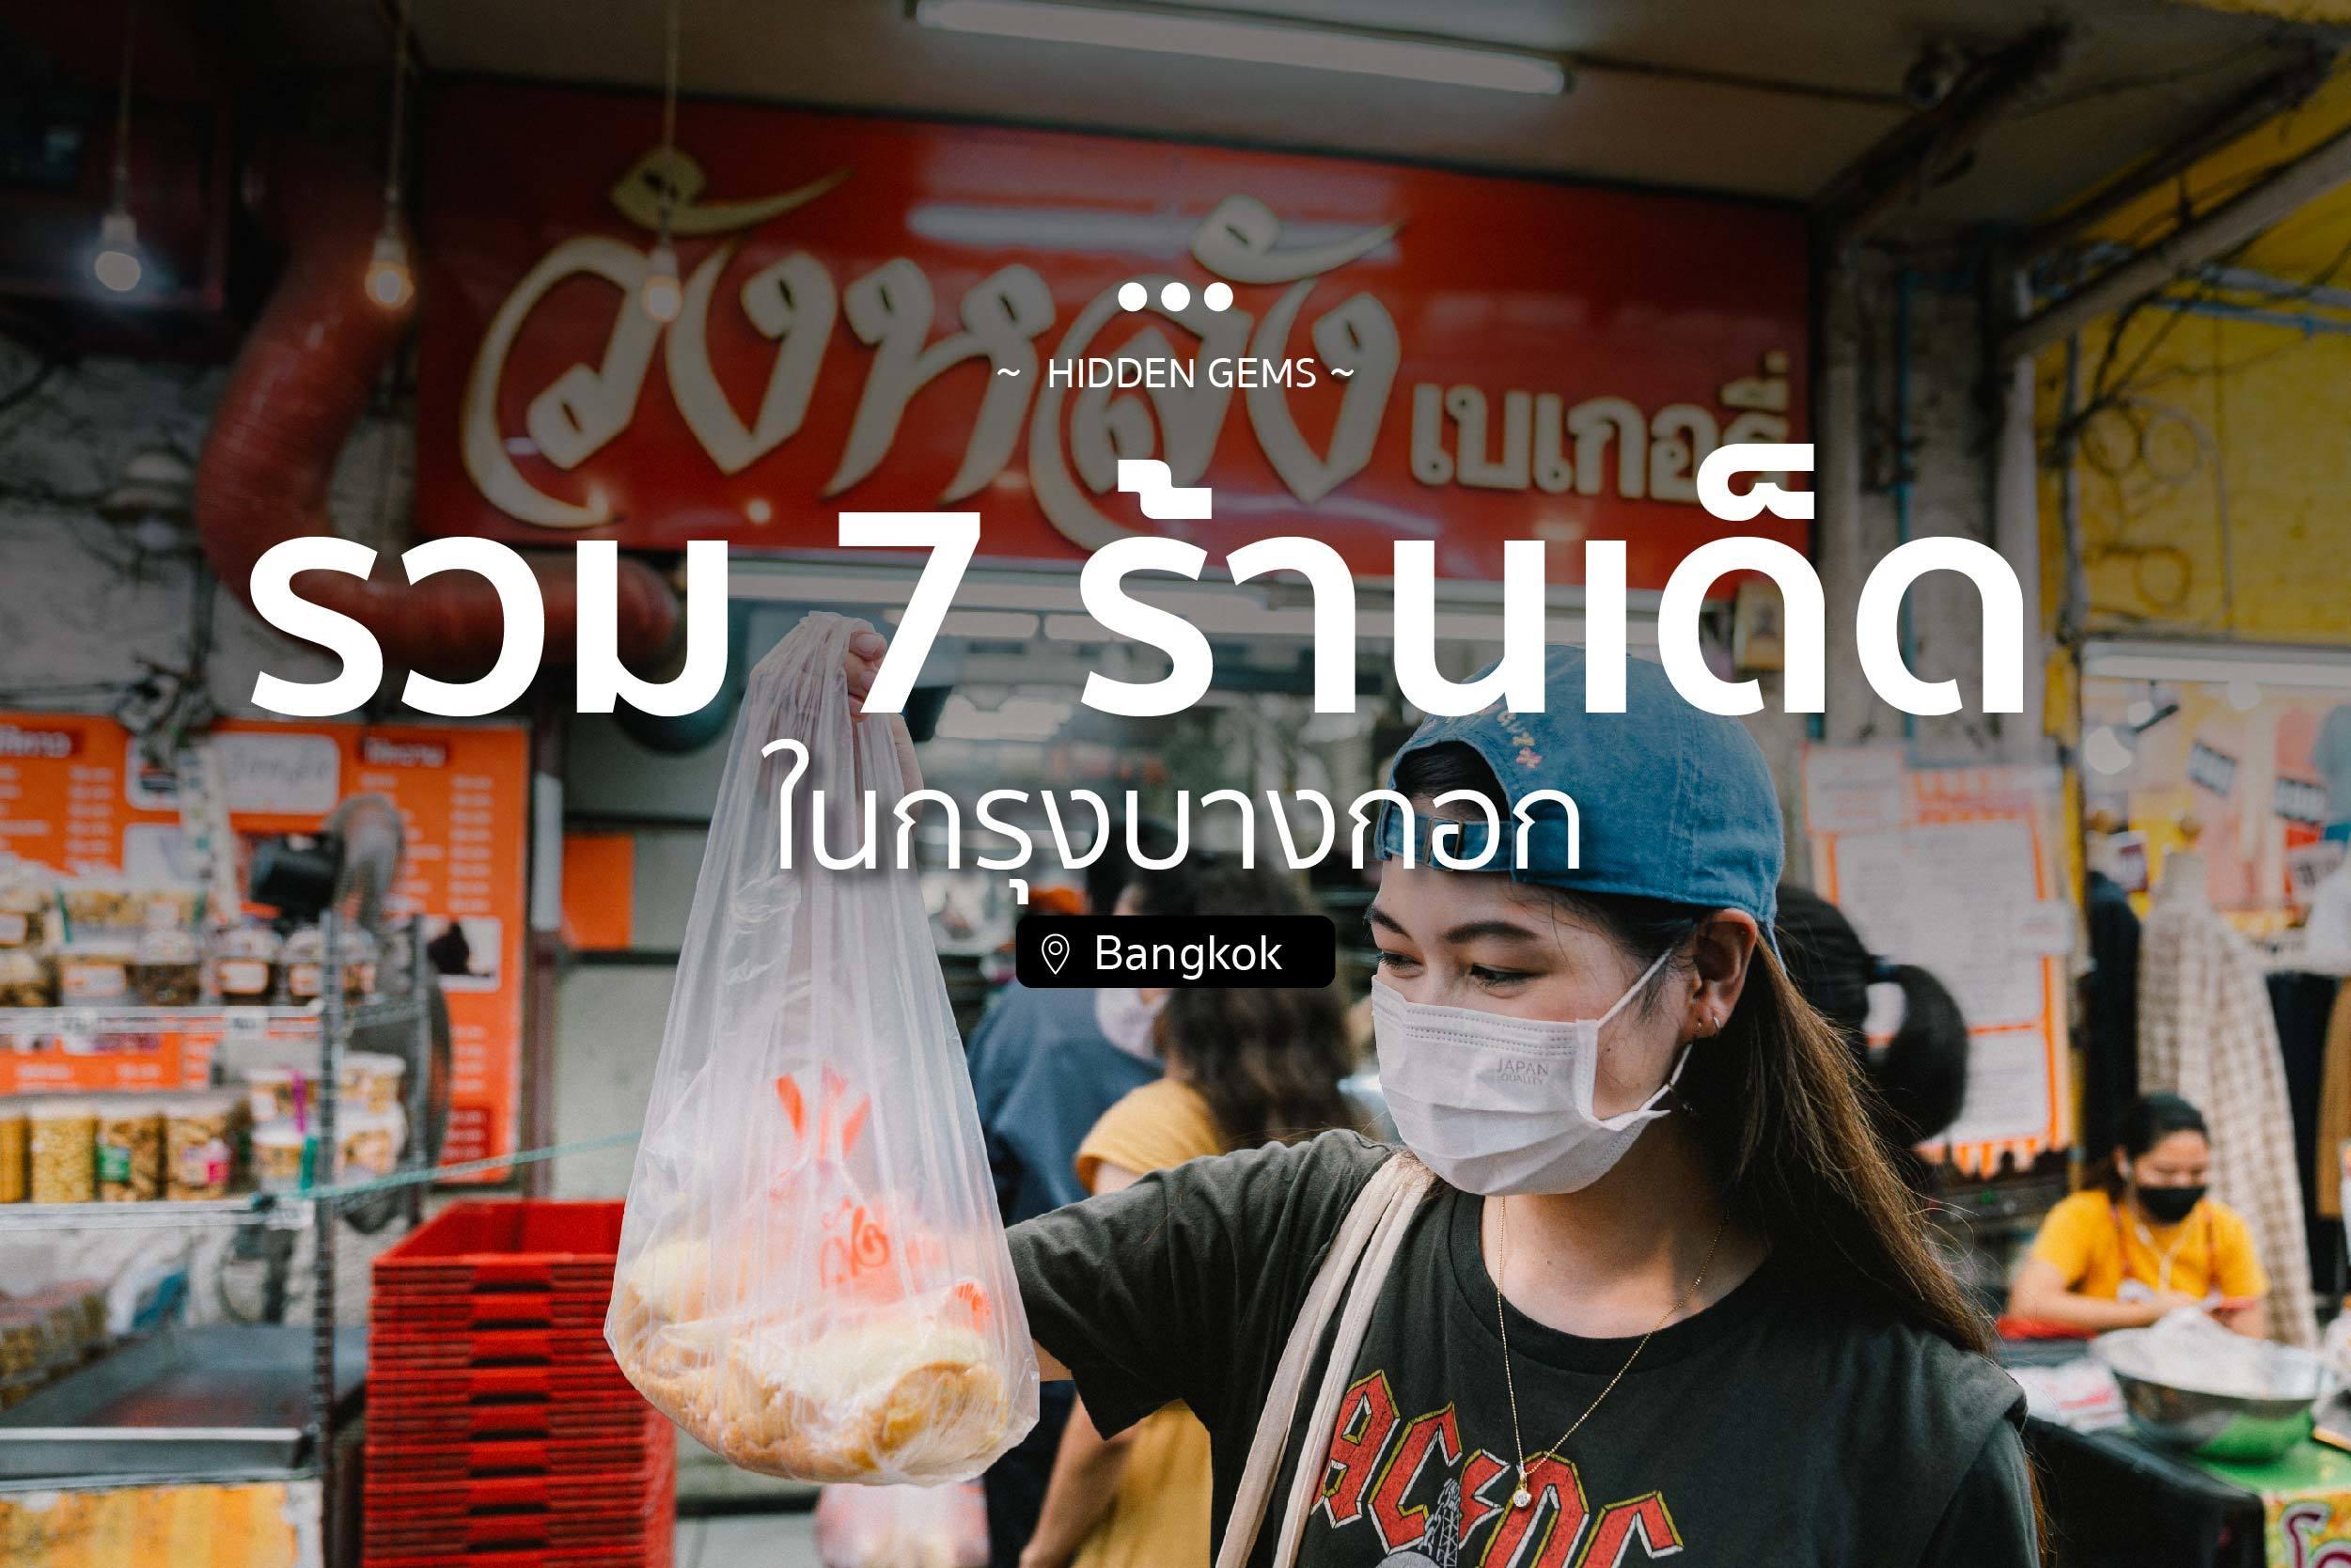 ตะลุยกิน in Bangkok รวม 7 ร้านเด็ด ในกรุงบางกอก ปกweb